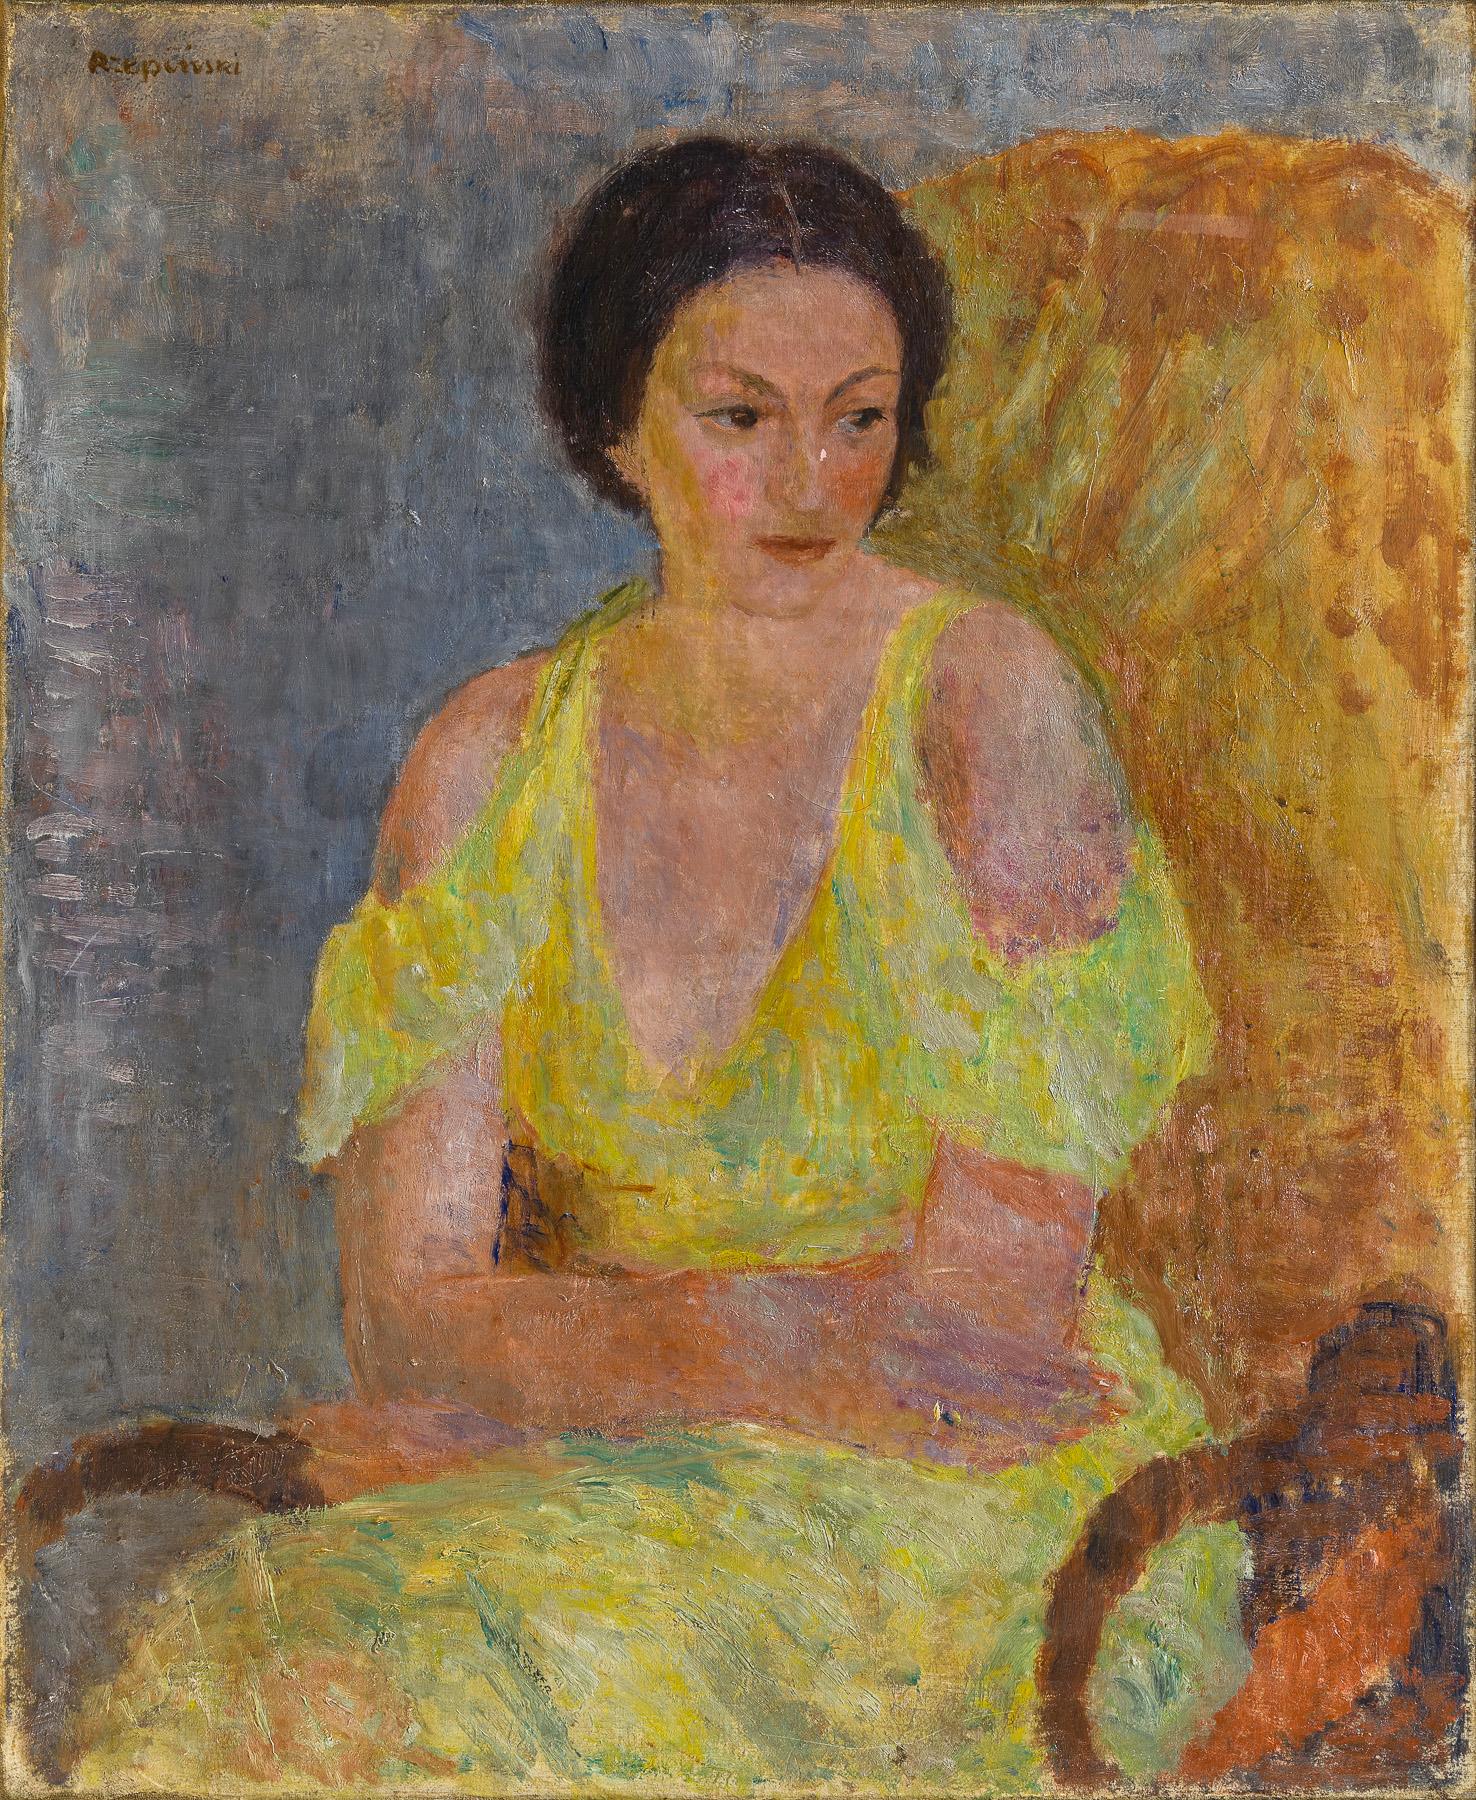 Portret kobiety, lata 50-te XX w.